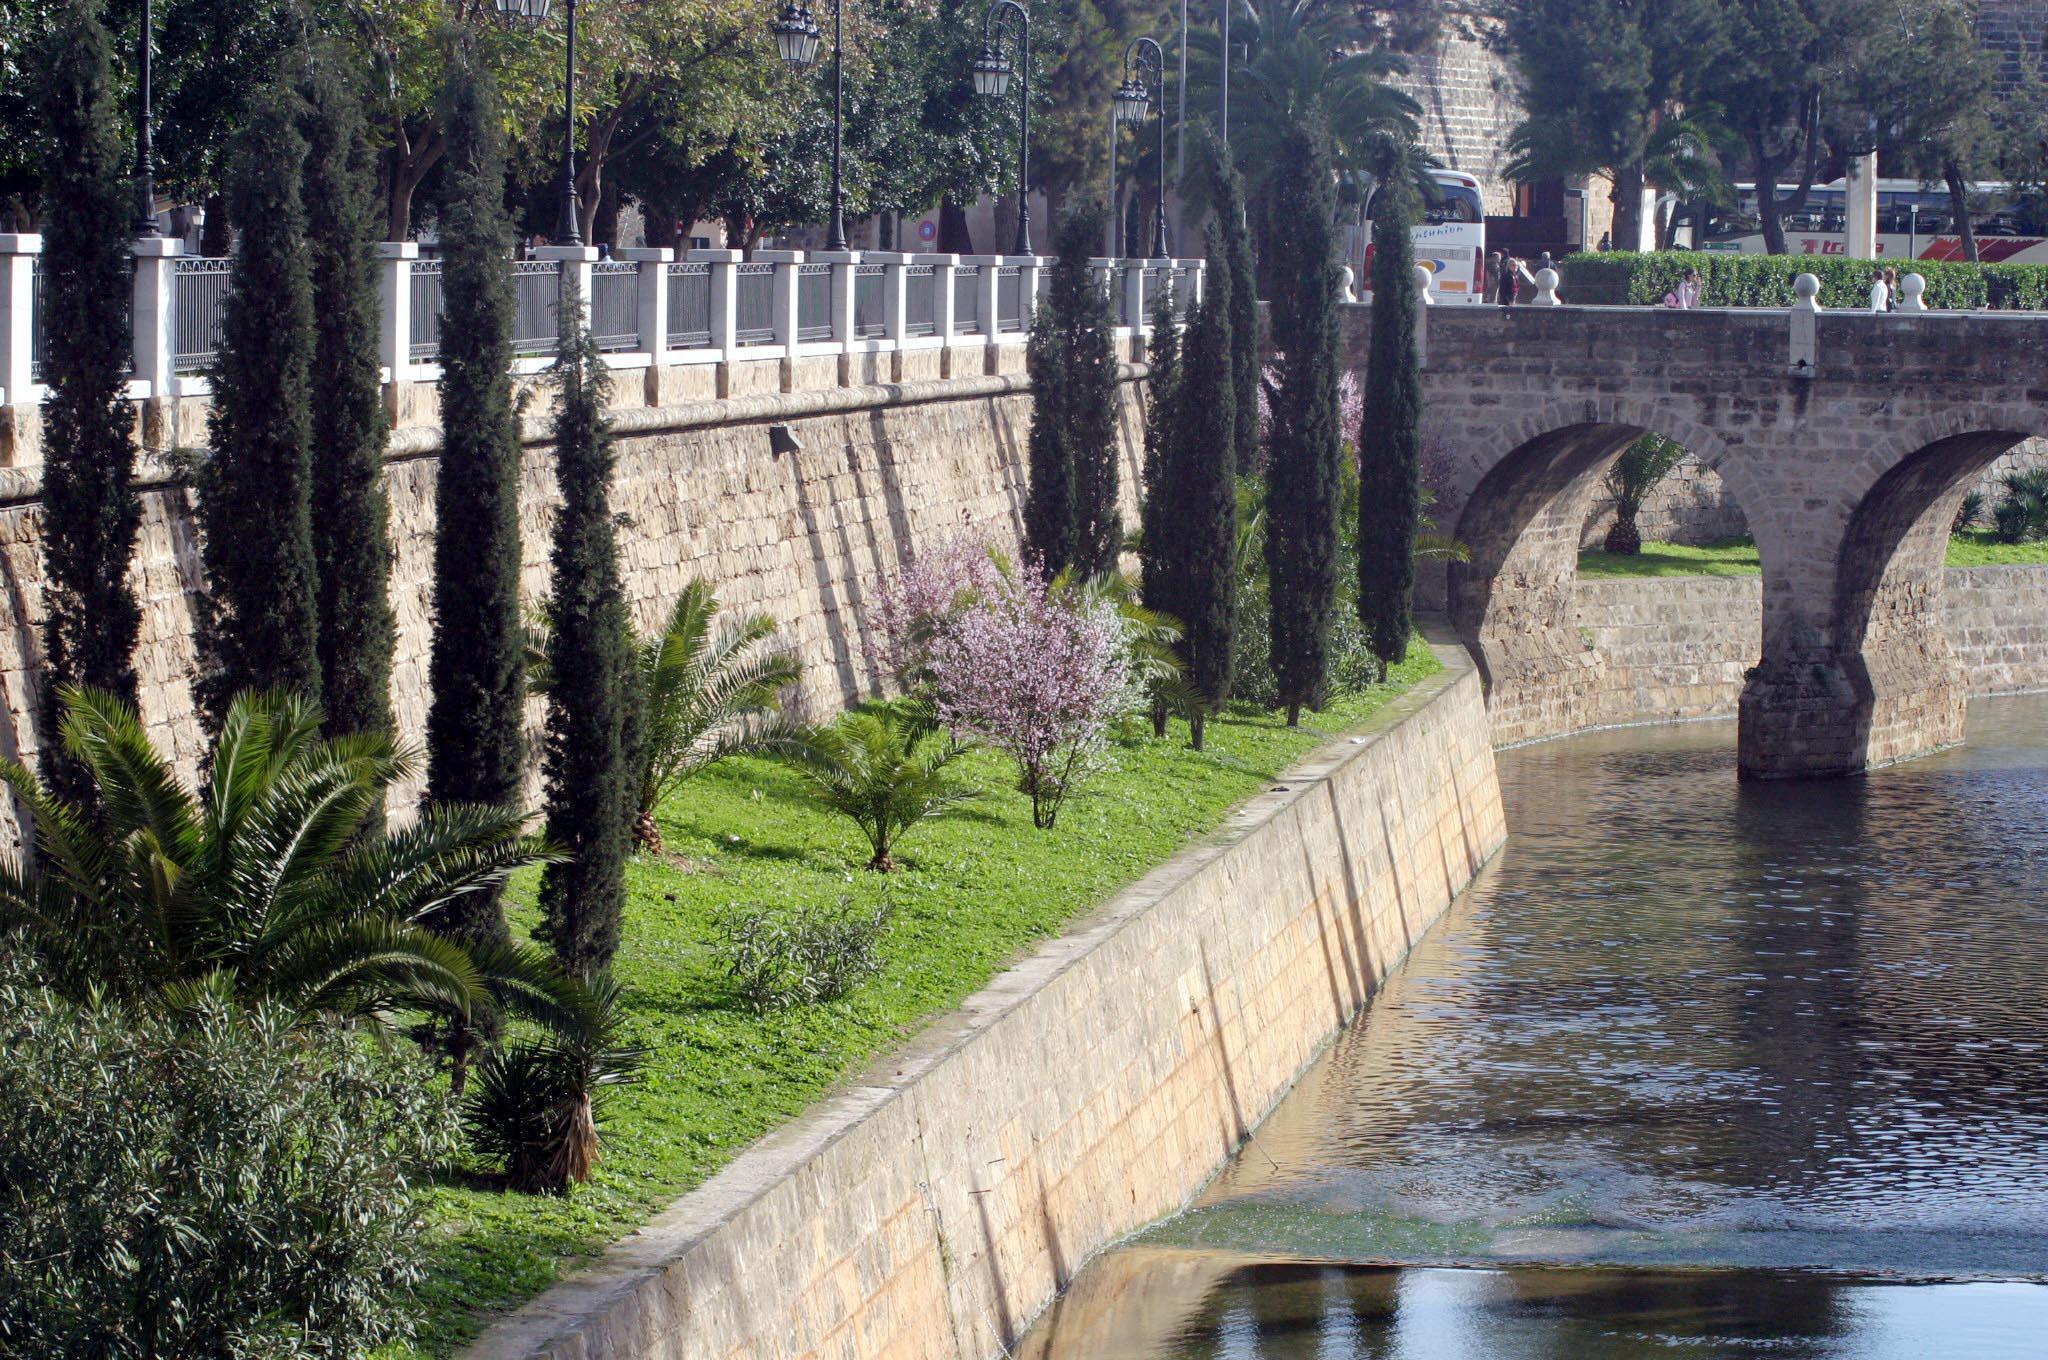 Der grüne Paseo Mallorca ist auch sein Verdienst